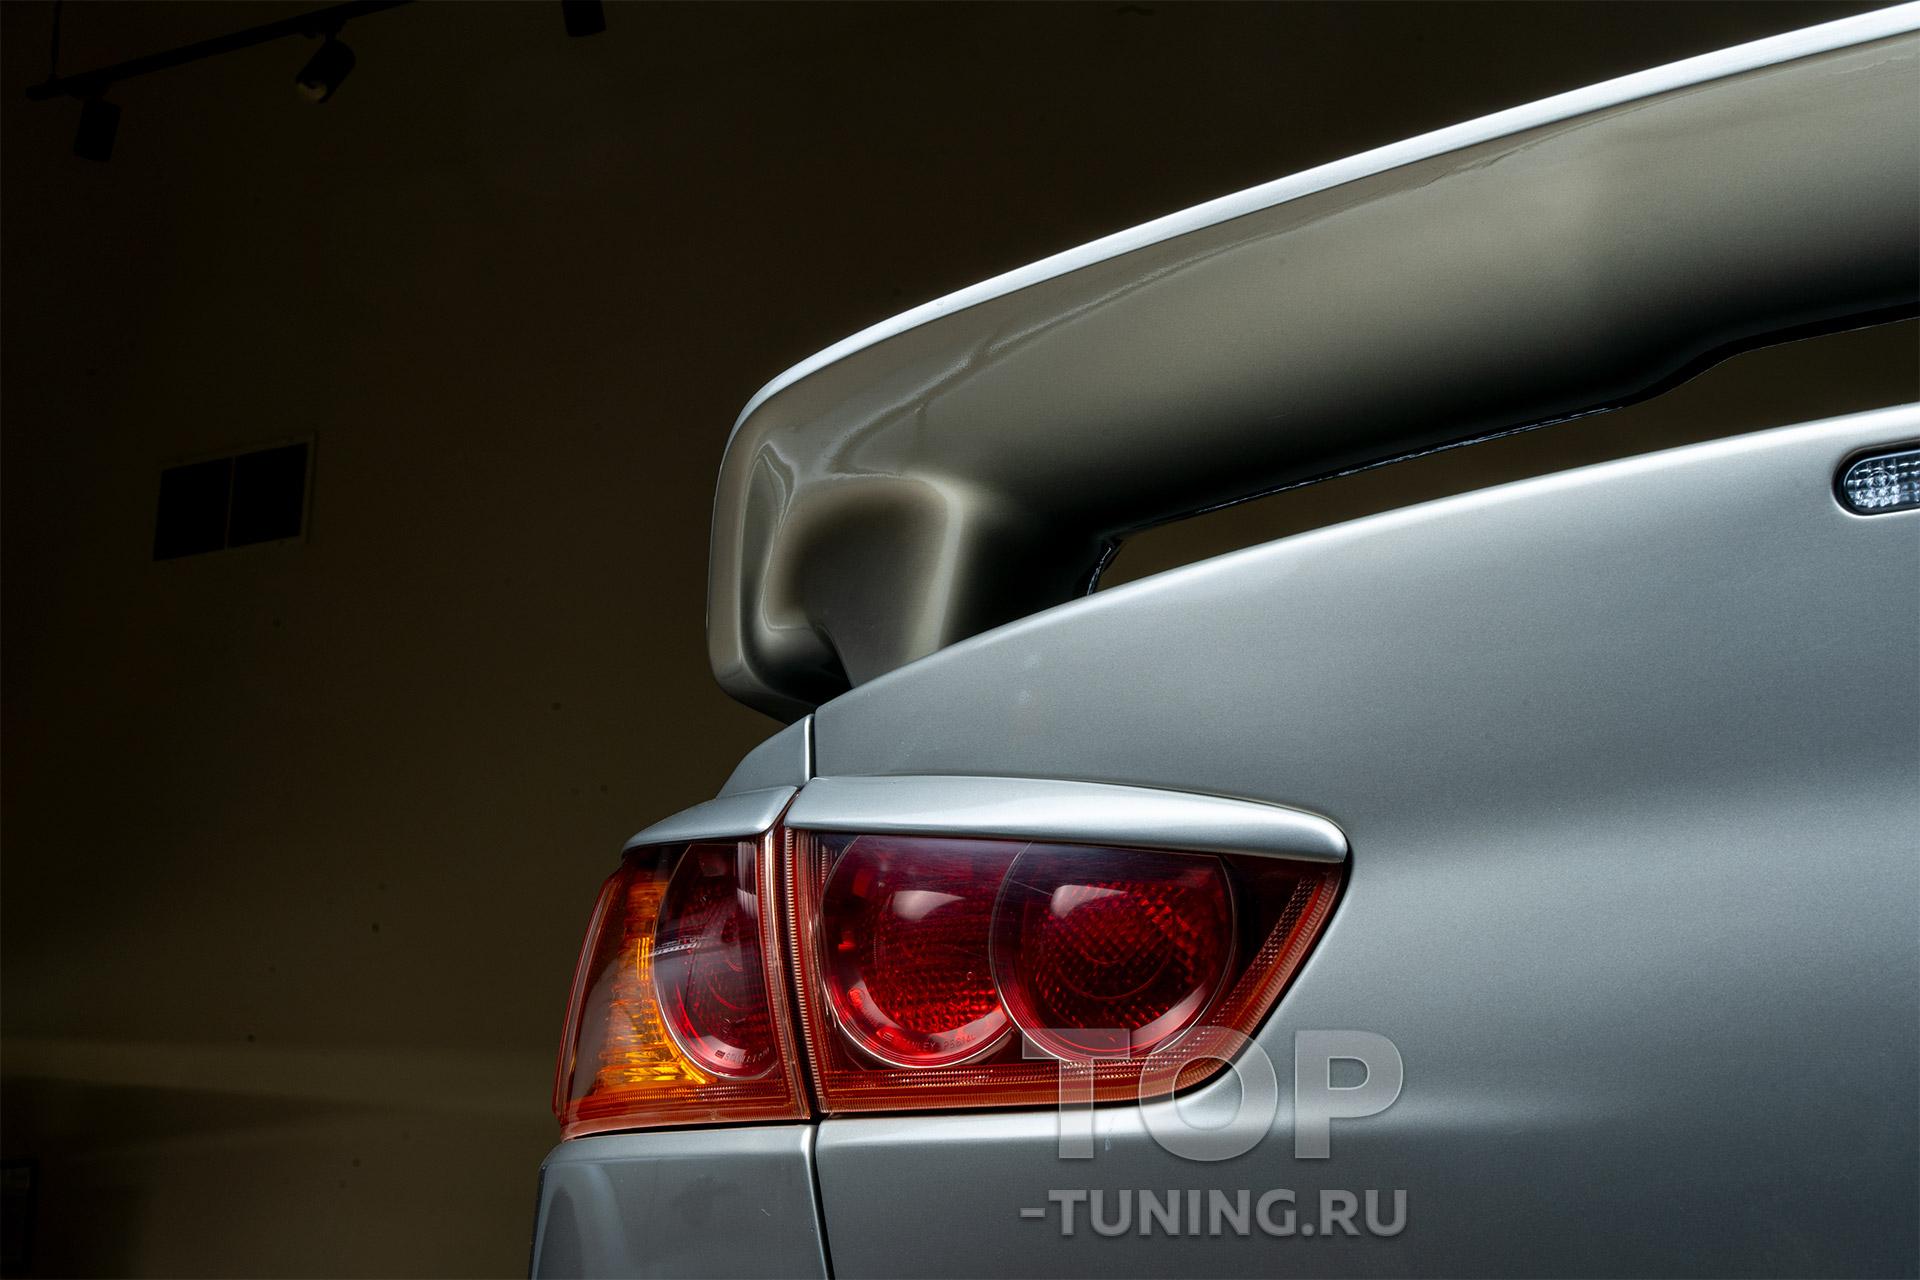 4581 Реснички на задние фонари Evo Style на Mitsubishi Lancer 10 (X)